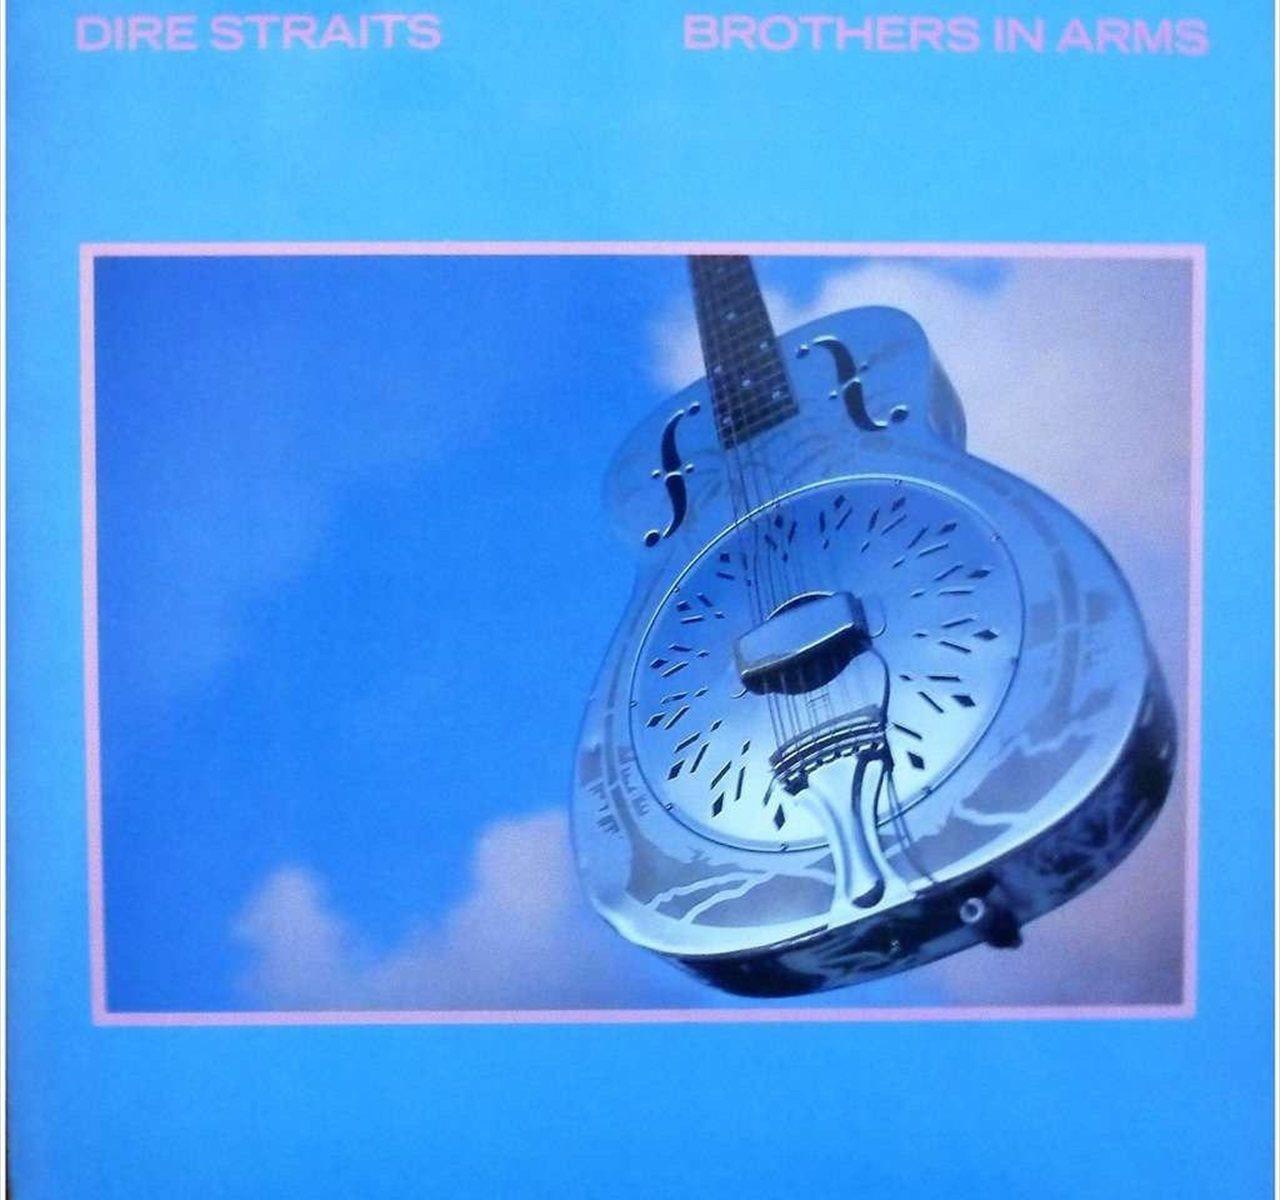 ドブロ・ギターを大きく移した、ダイアー・ストレイツのアルバム、Brothers in Arms